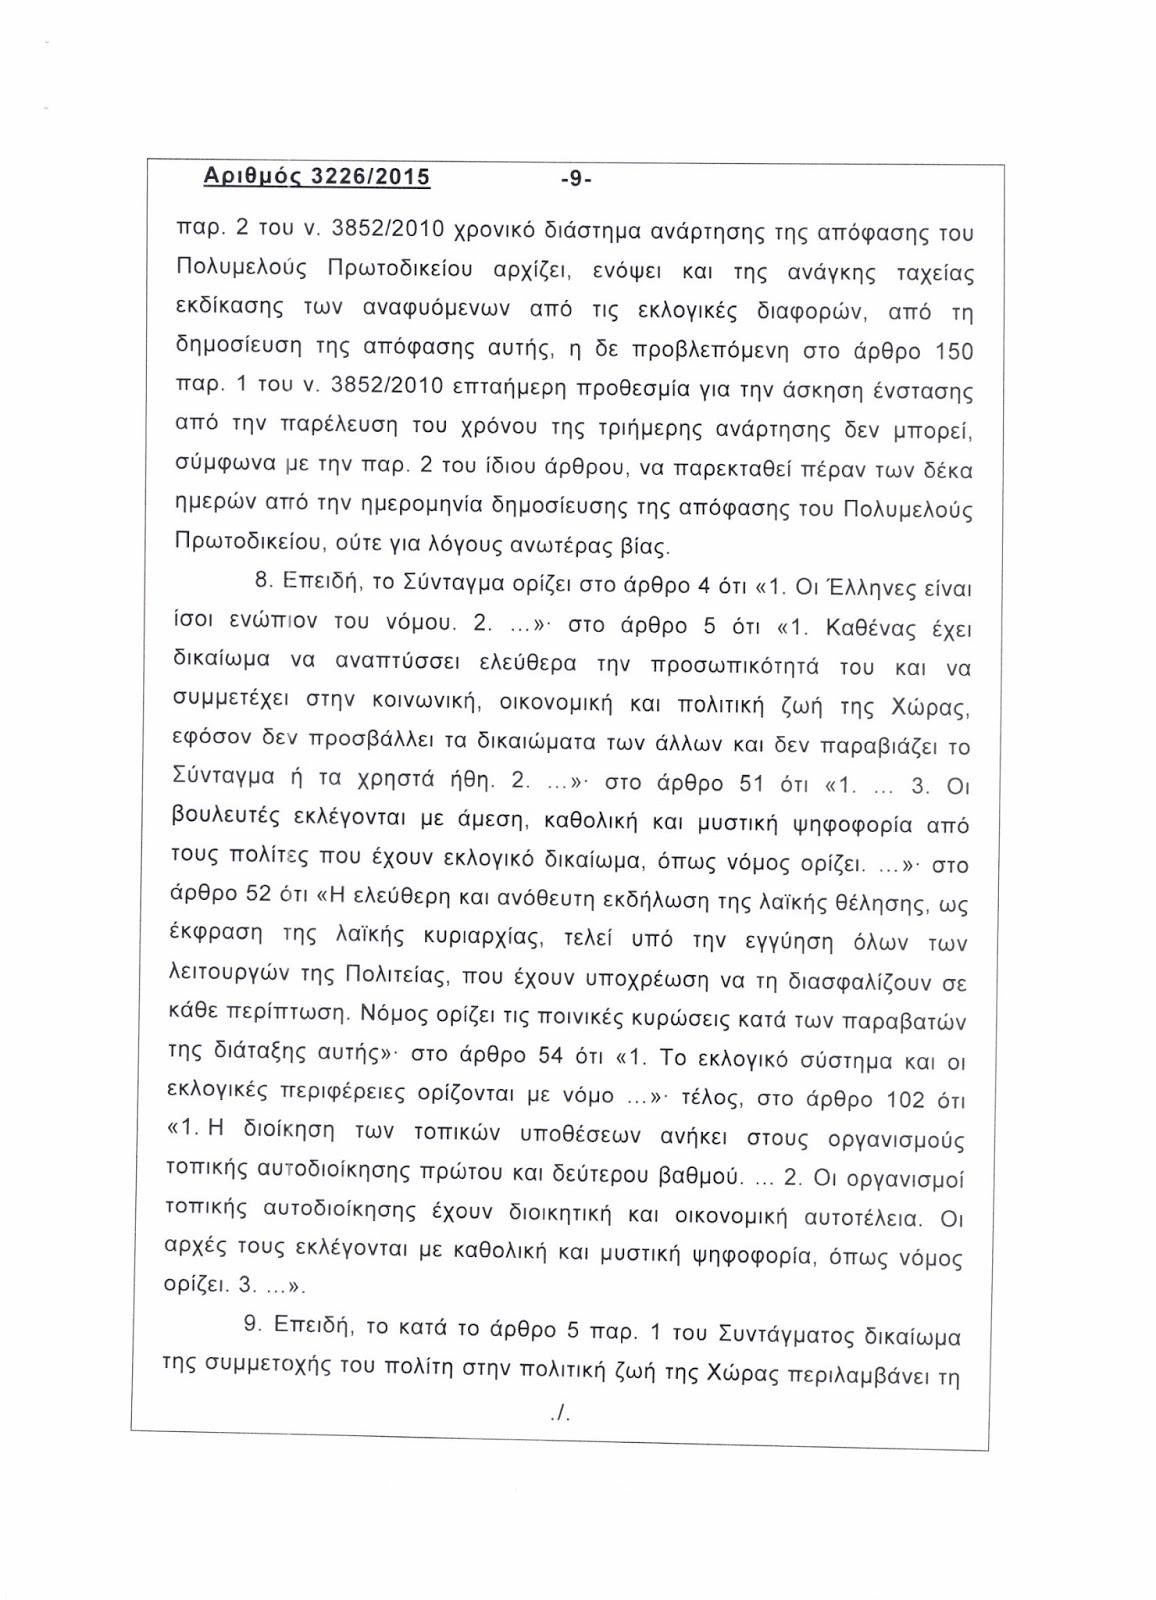 Ὁλόκληρη ἡ ἀπόφασις τοῦ ΣτΕ γιὰ τὸν Γιαννακόπουλο8